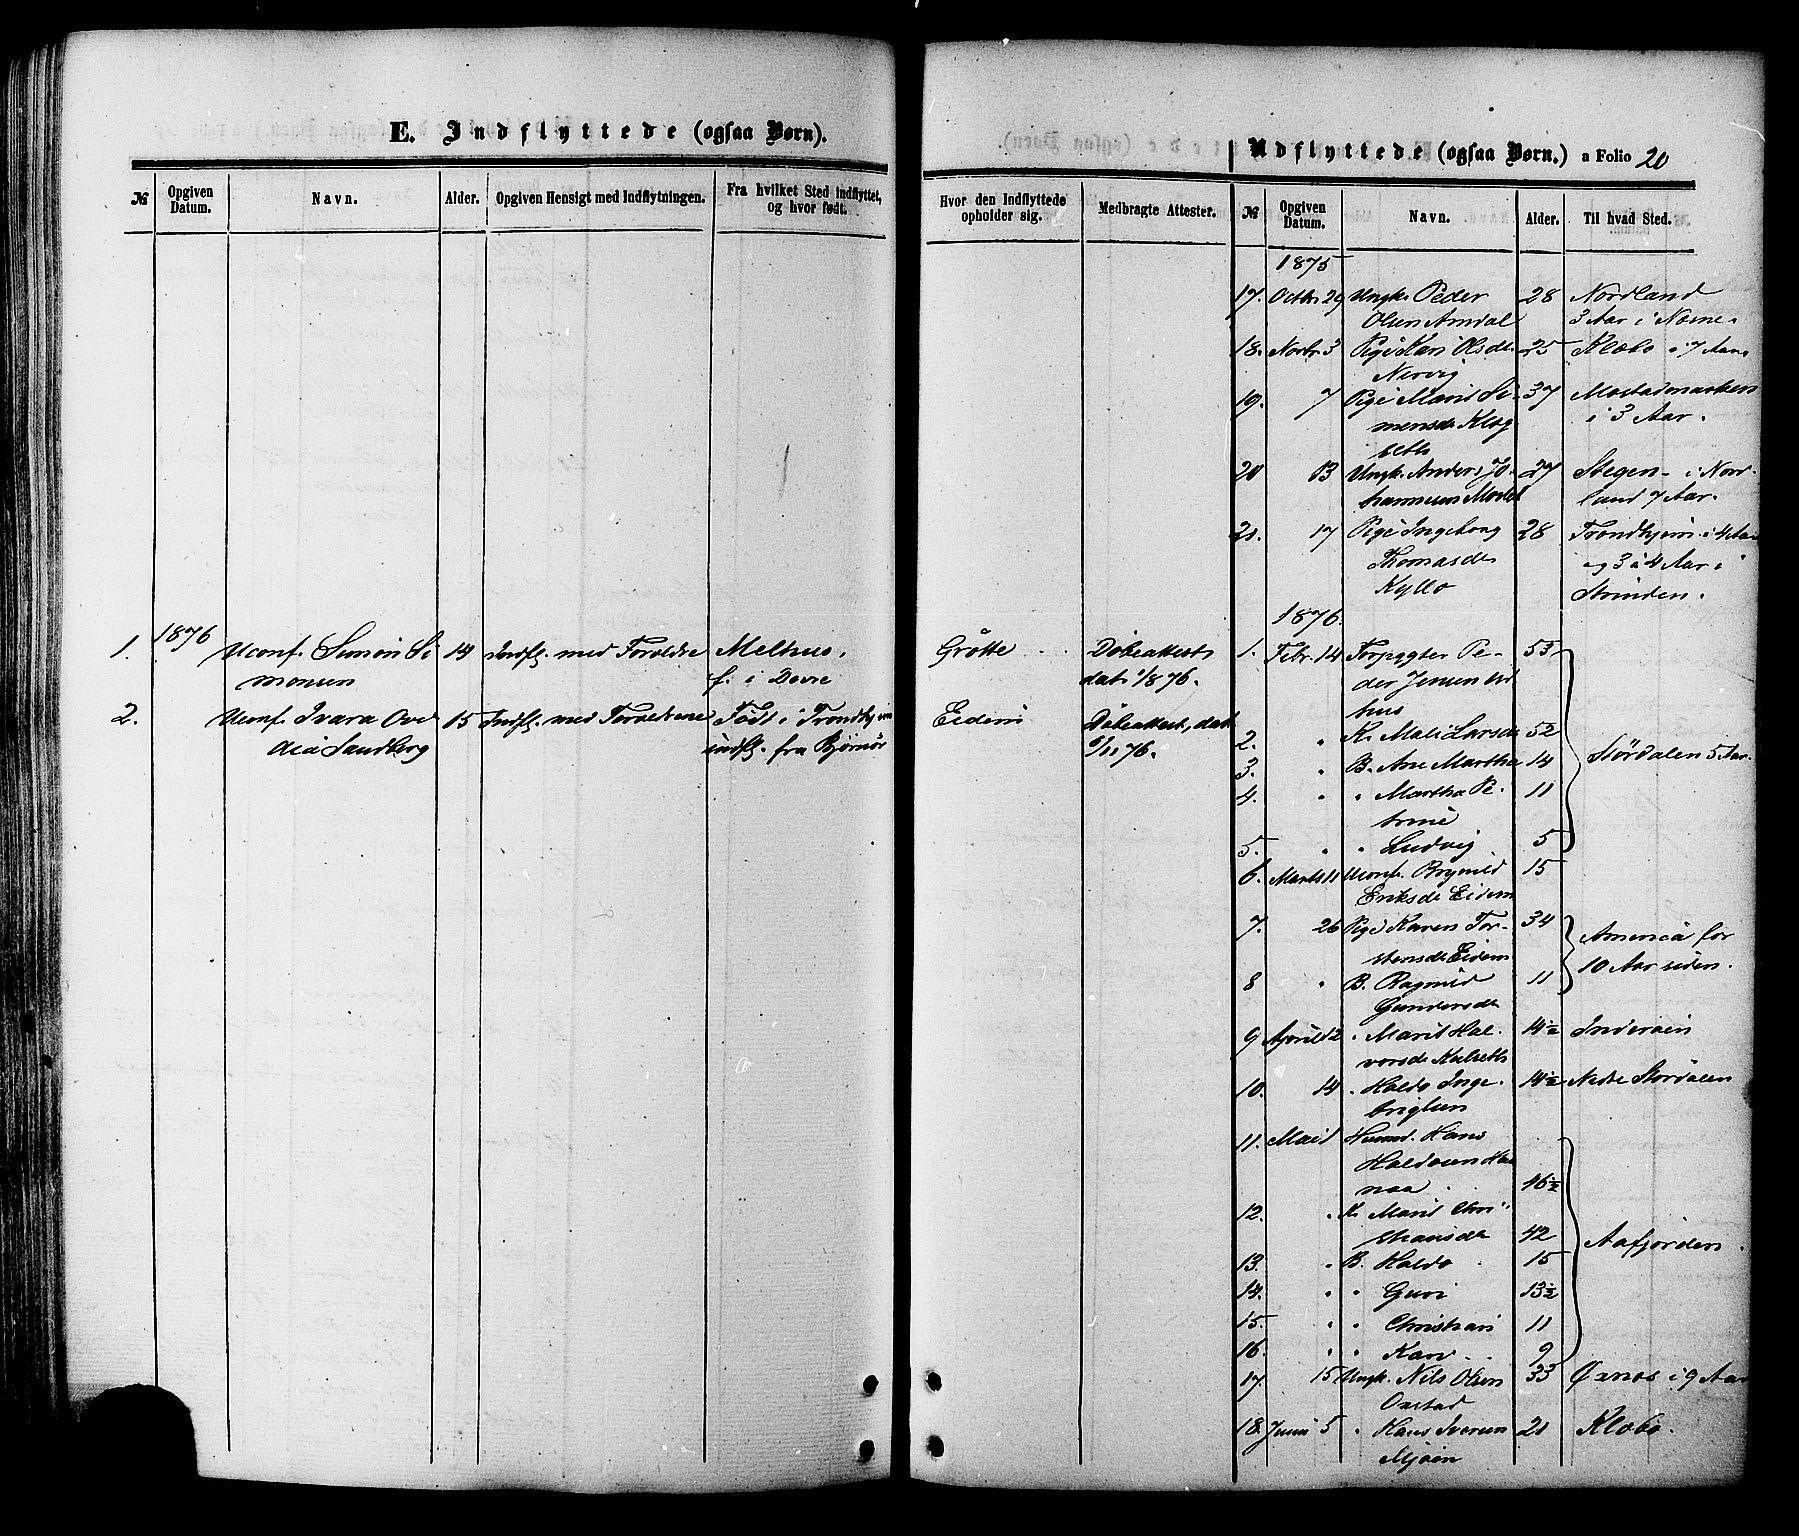 SAT, Ministerialprotokoller, klokkerbøker og fødselsregistre - Sør-Trøndelag, 695/L1147: Ministerialbok nr. 695A07, 1860-1877, s. 20